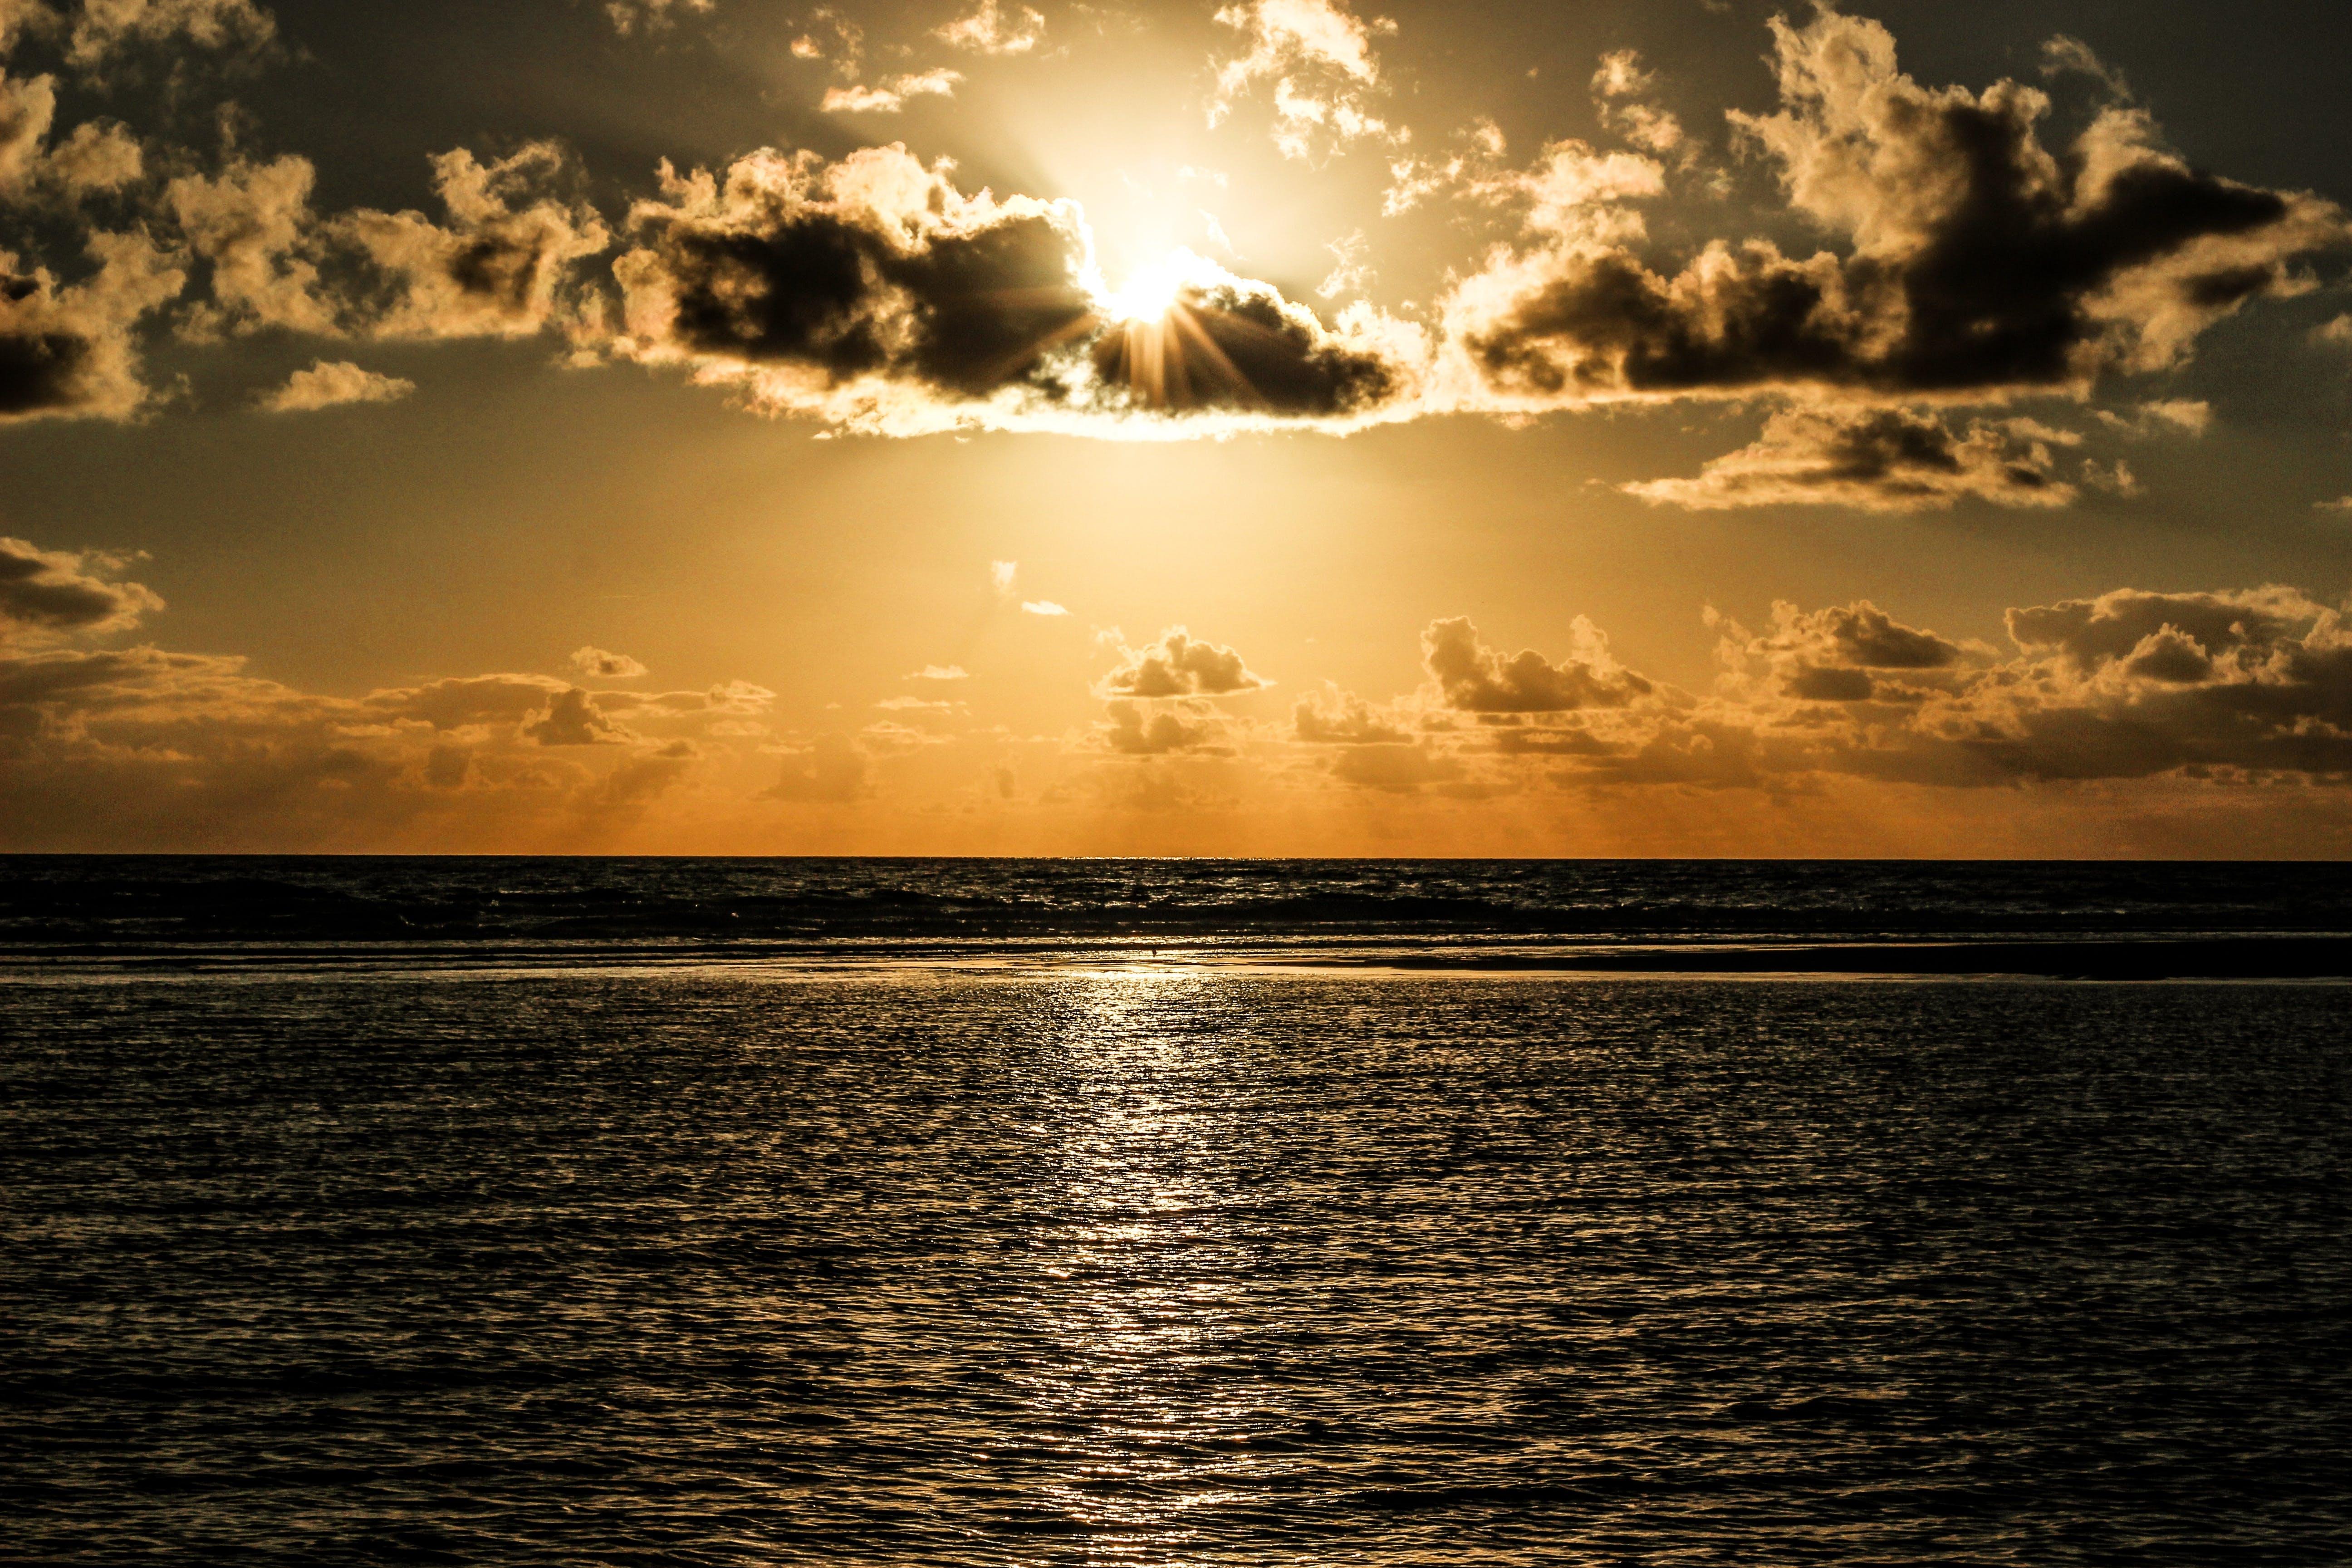 地平線, 太陽, 太陽眩光, 日出 的 免费素材照片